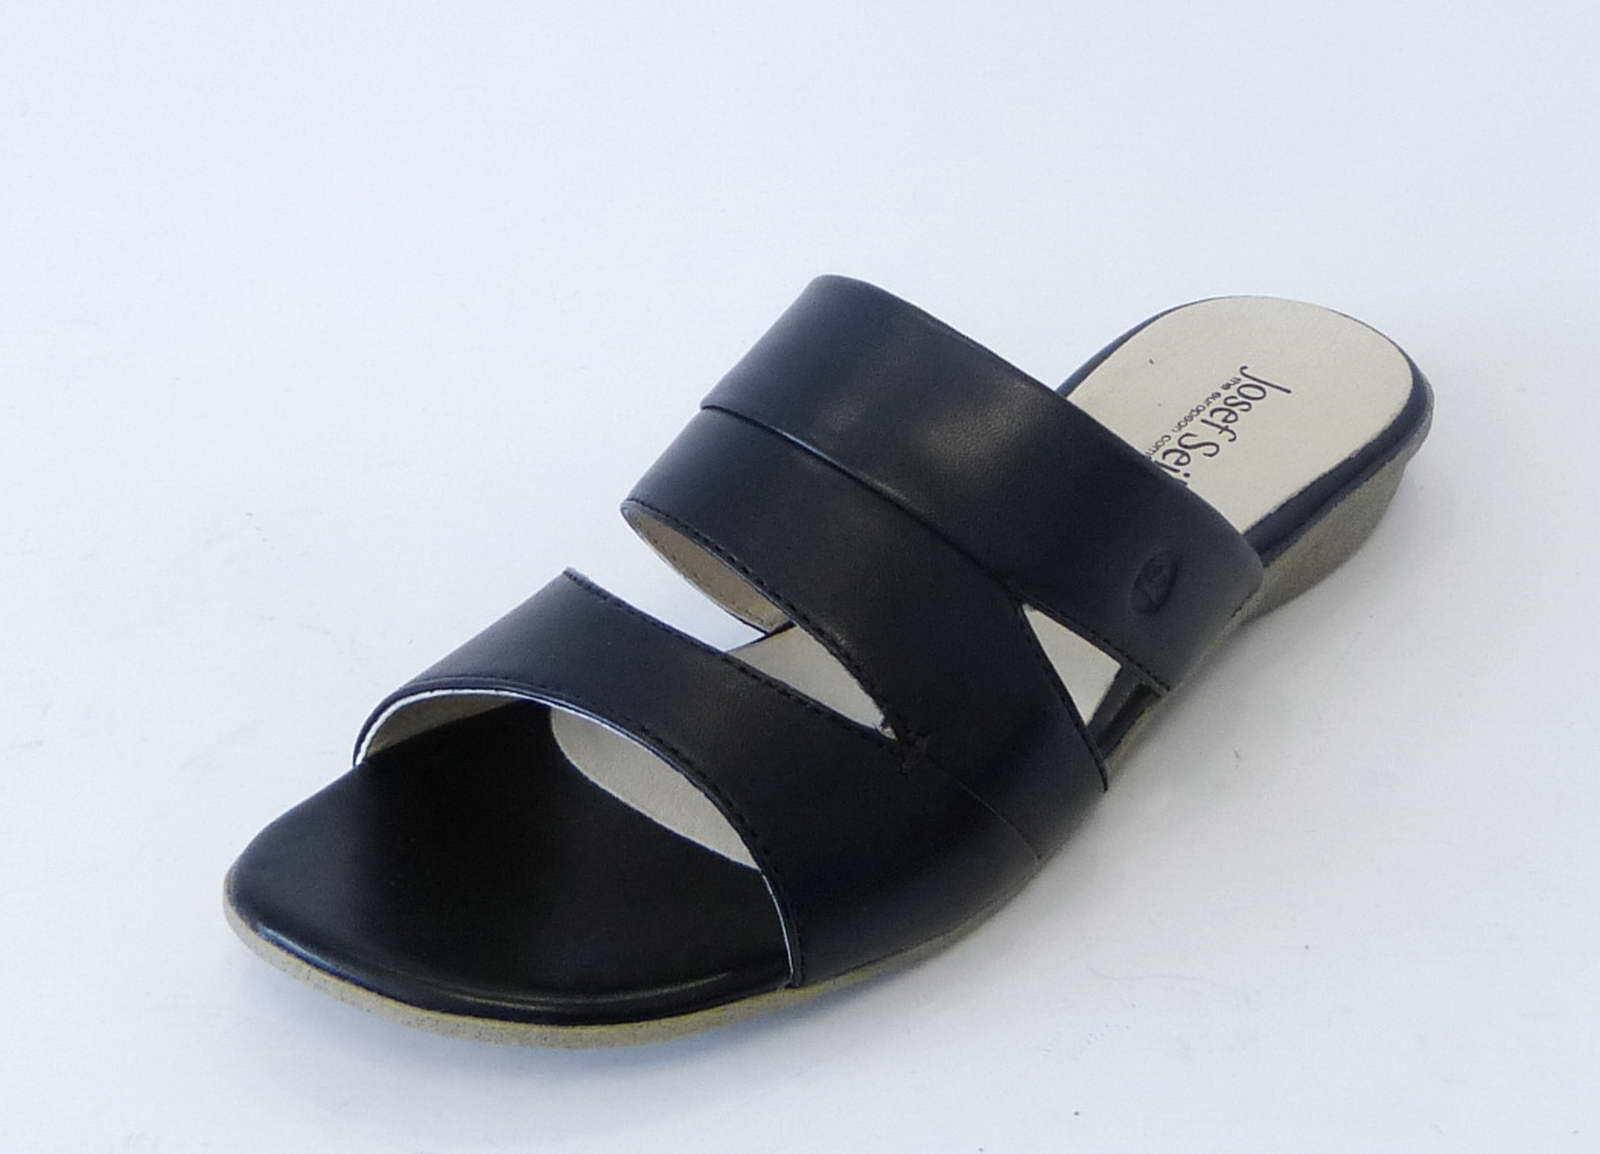 Josef Seibel Pantolette Fabia 12 schwarz Leder 87512 971 100 fein weich Sandale